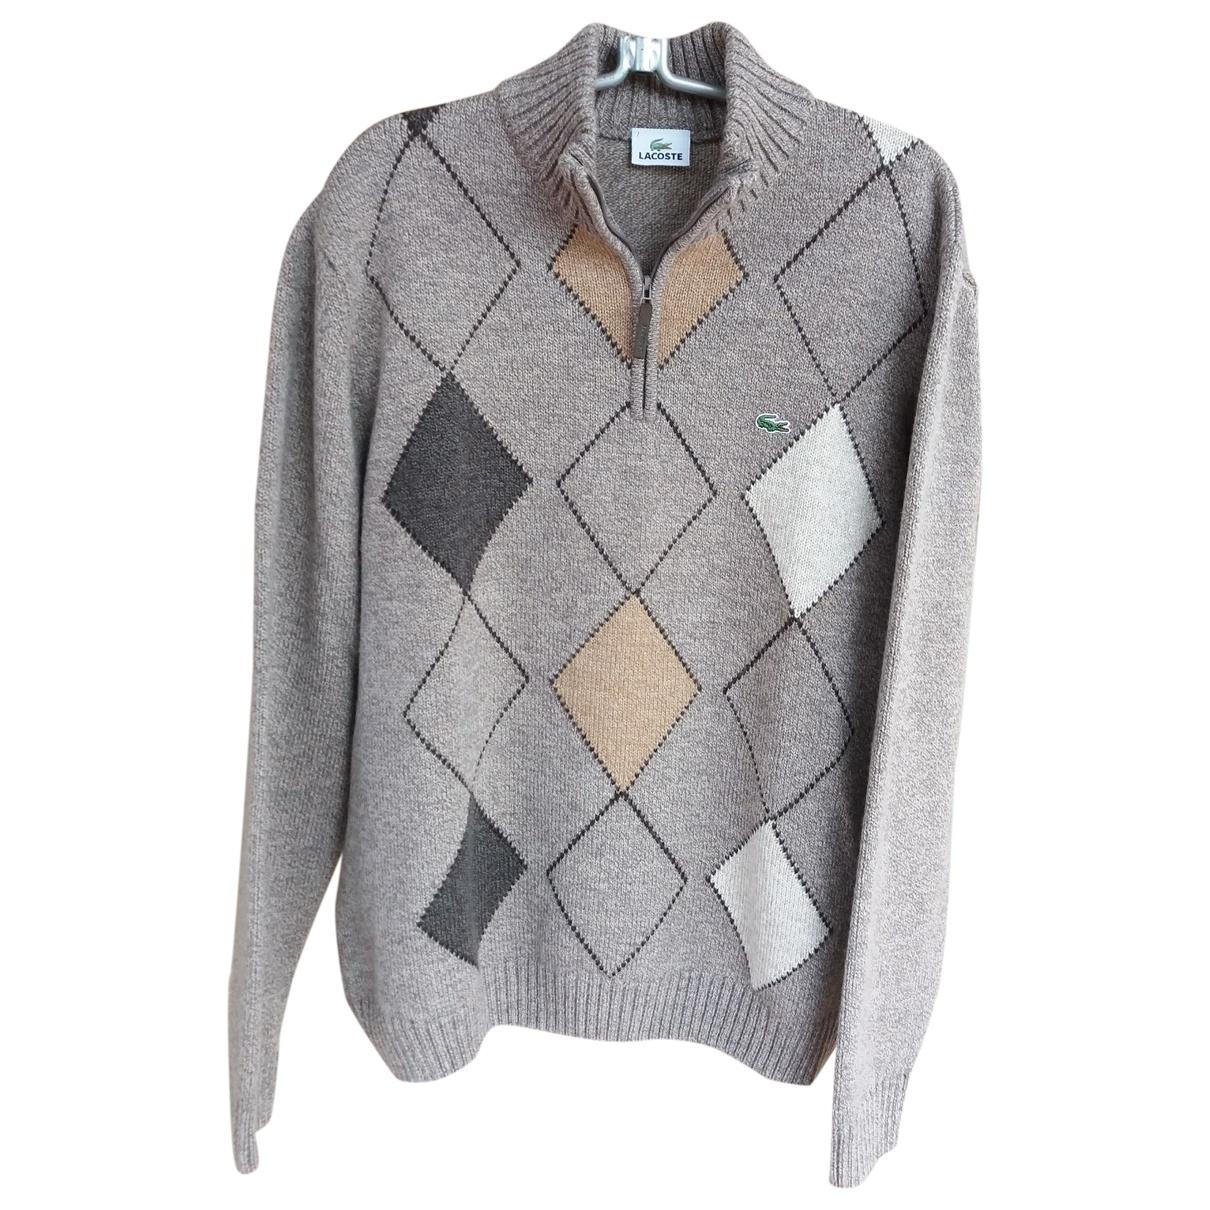 Lacoste - Pulls.Gilets.Sweats   pour homme en laine - gris